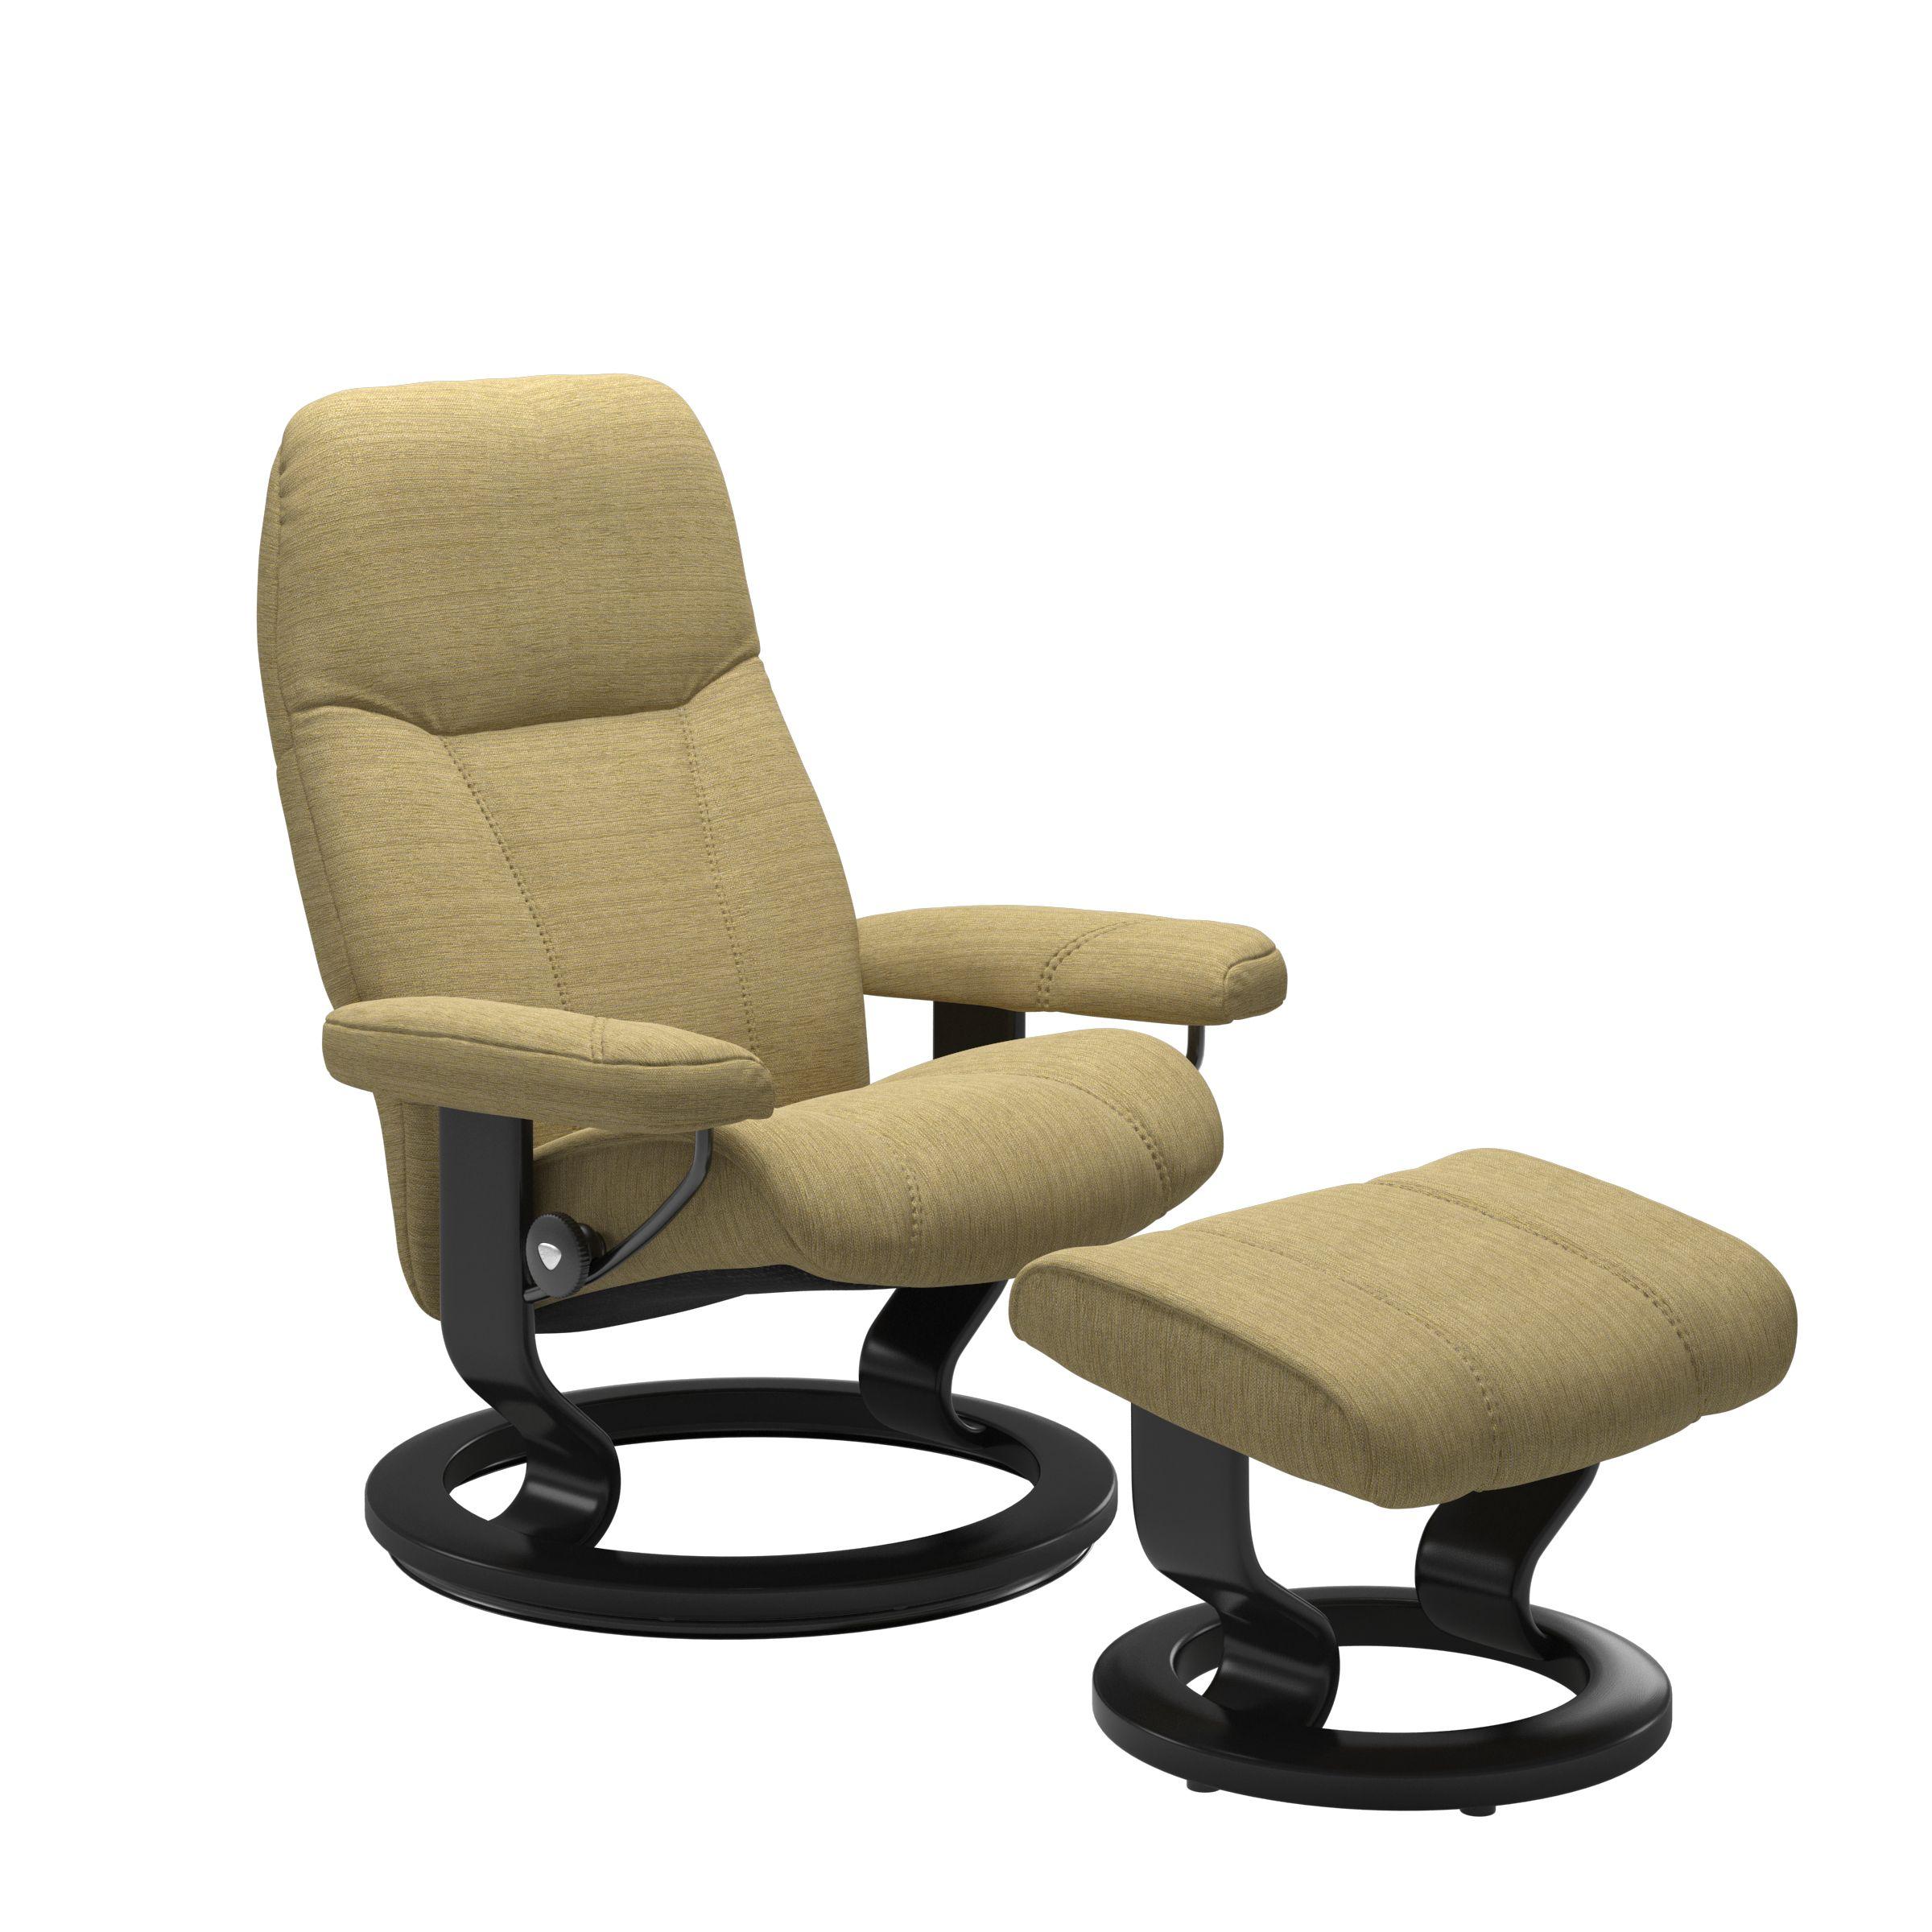 Moderne Retro Lenestol - Stressless Consul | Stressless® BQ-47